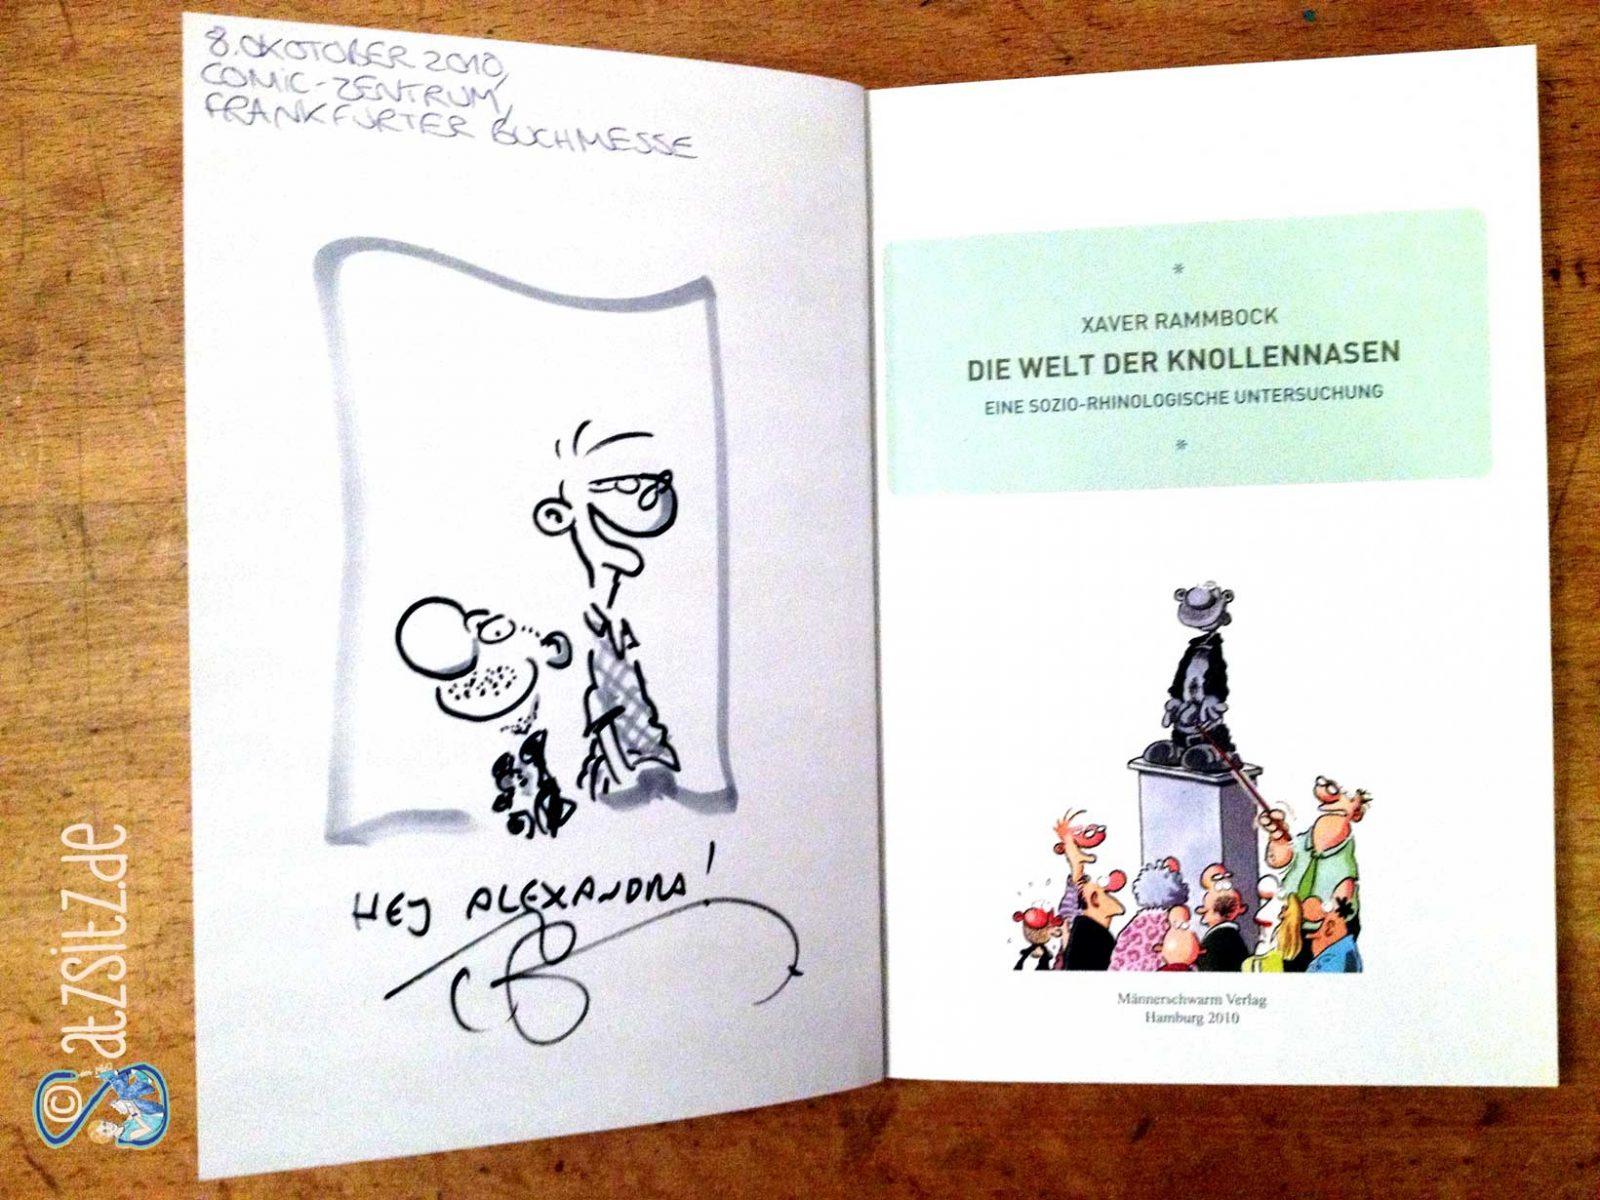 Signierte Ausgabe von Xaver Rammbock: Ralf König hat Konrad und Paul auf die erste Seite gezeichnet!